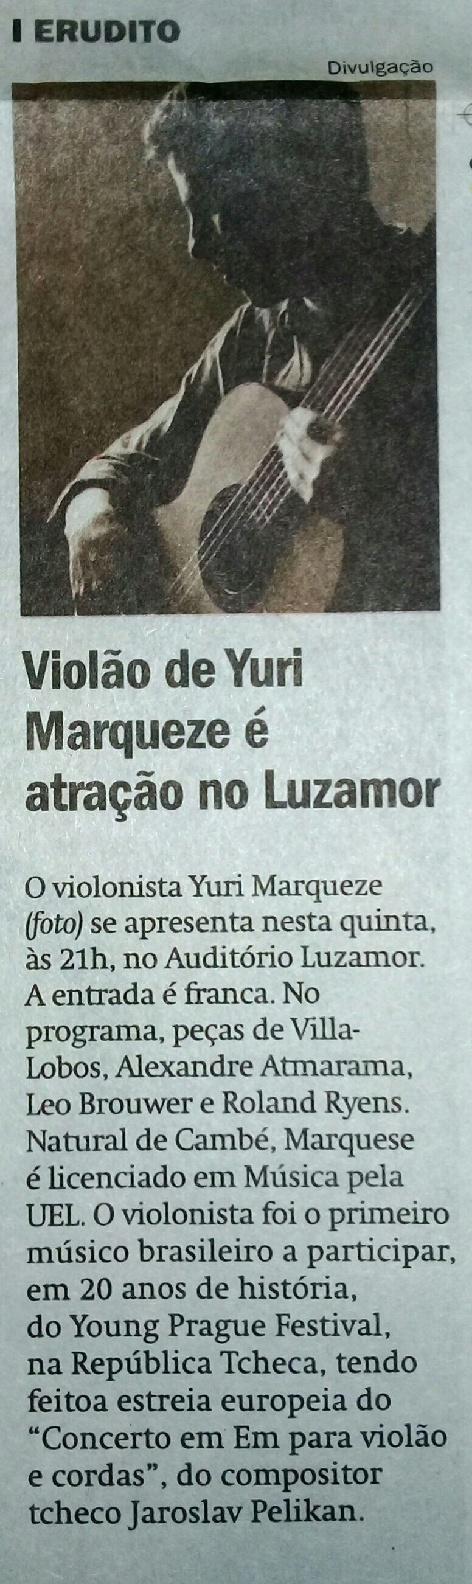 O Diário do Norte do Paraná 16-02-2012